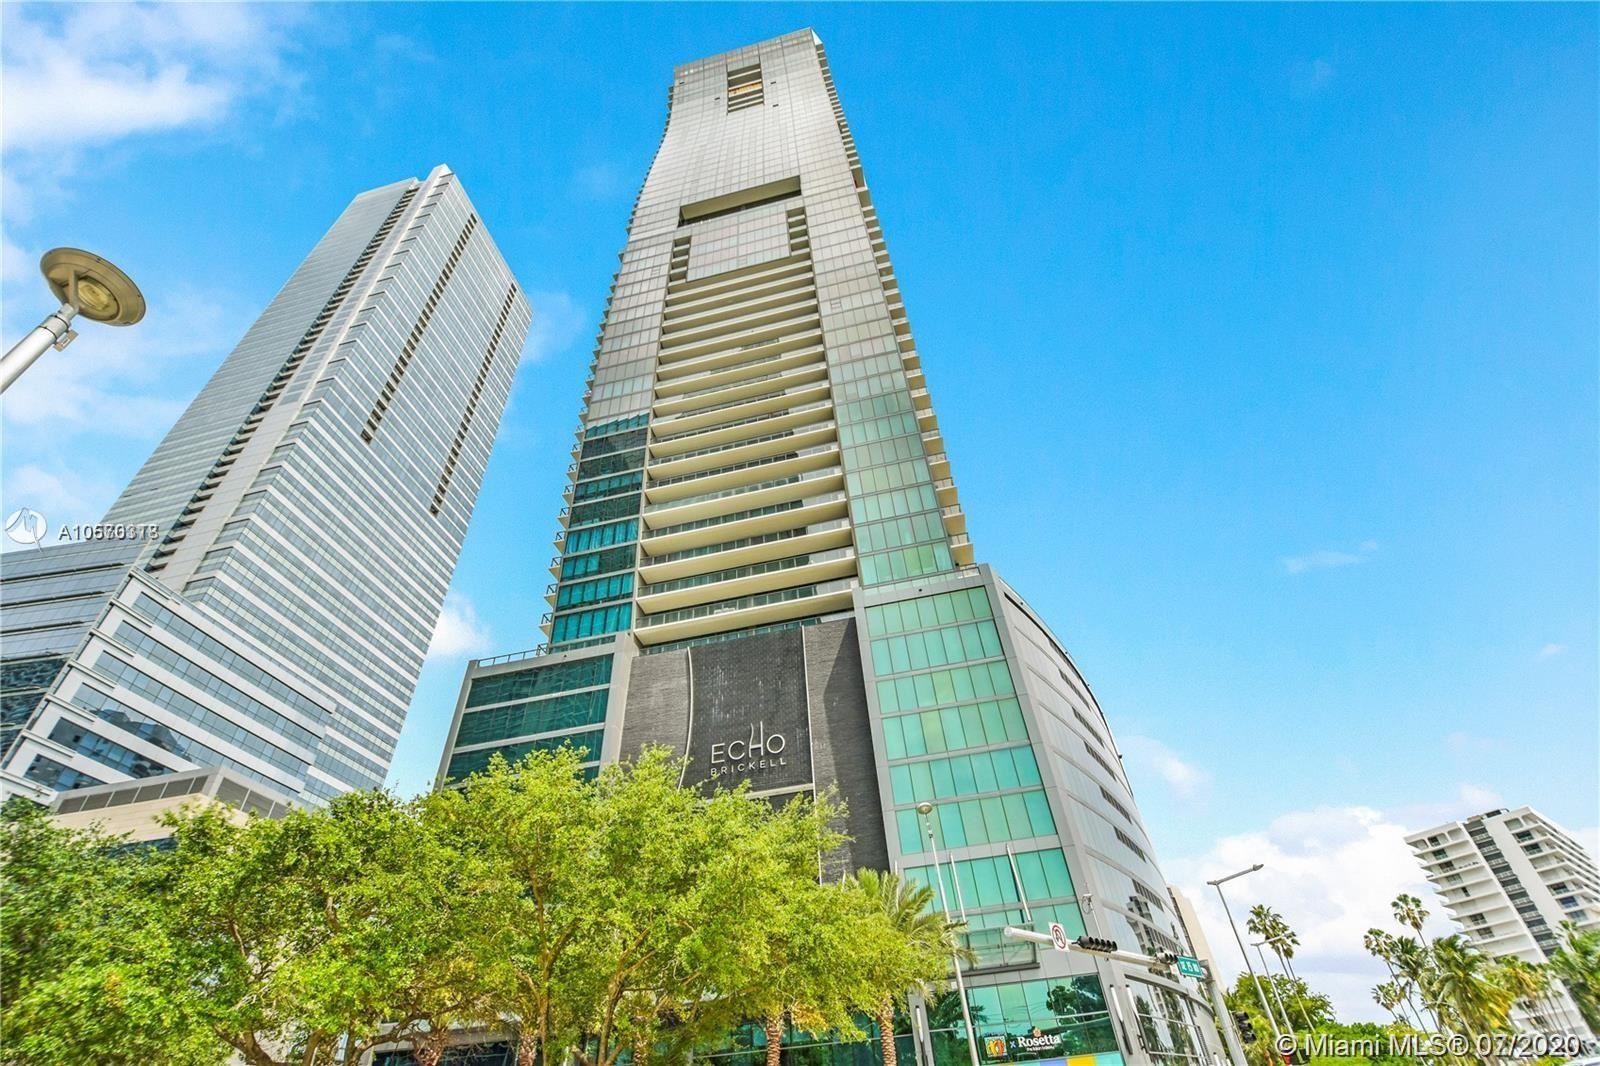 1451 Brickell Avenue #1601, Miami, FL 33131 - #: A10570318